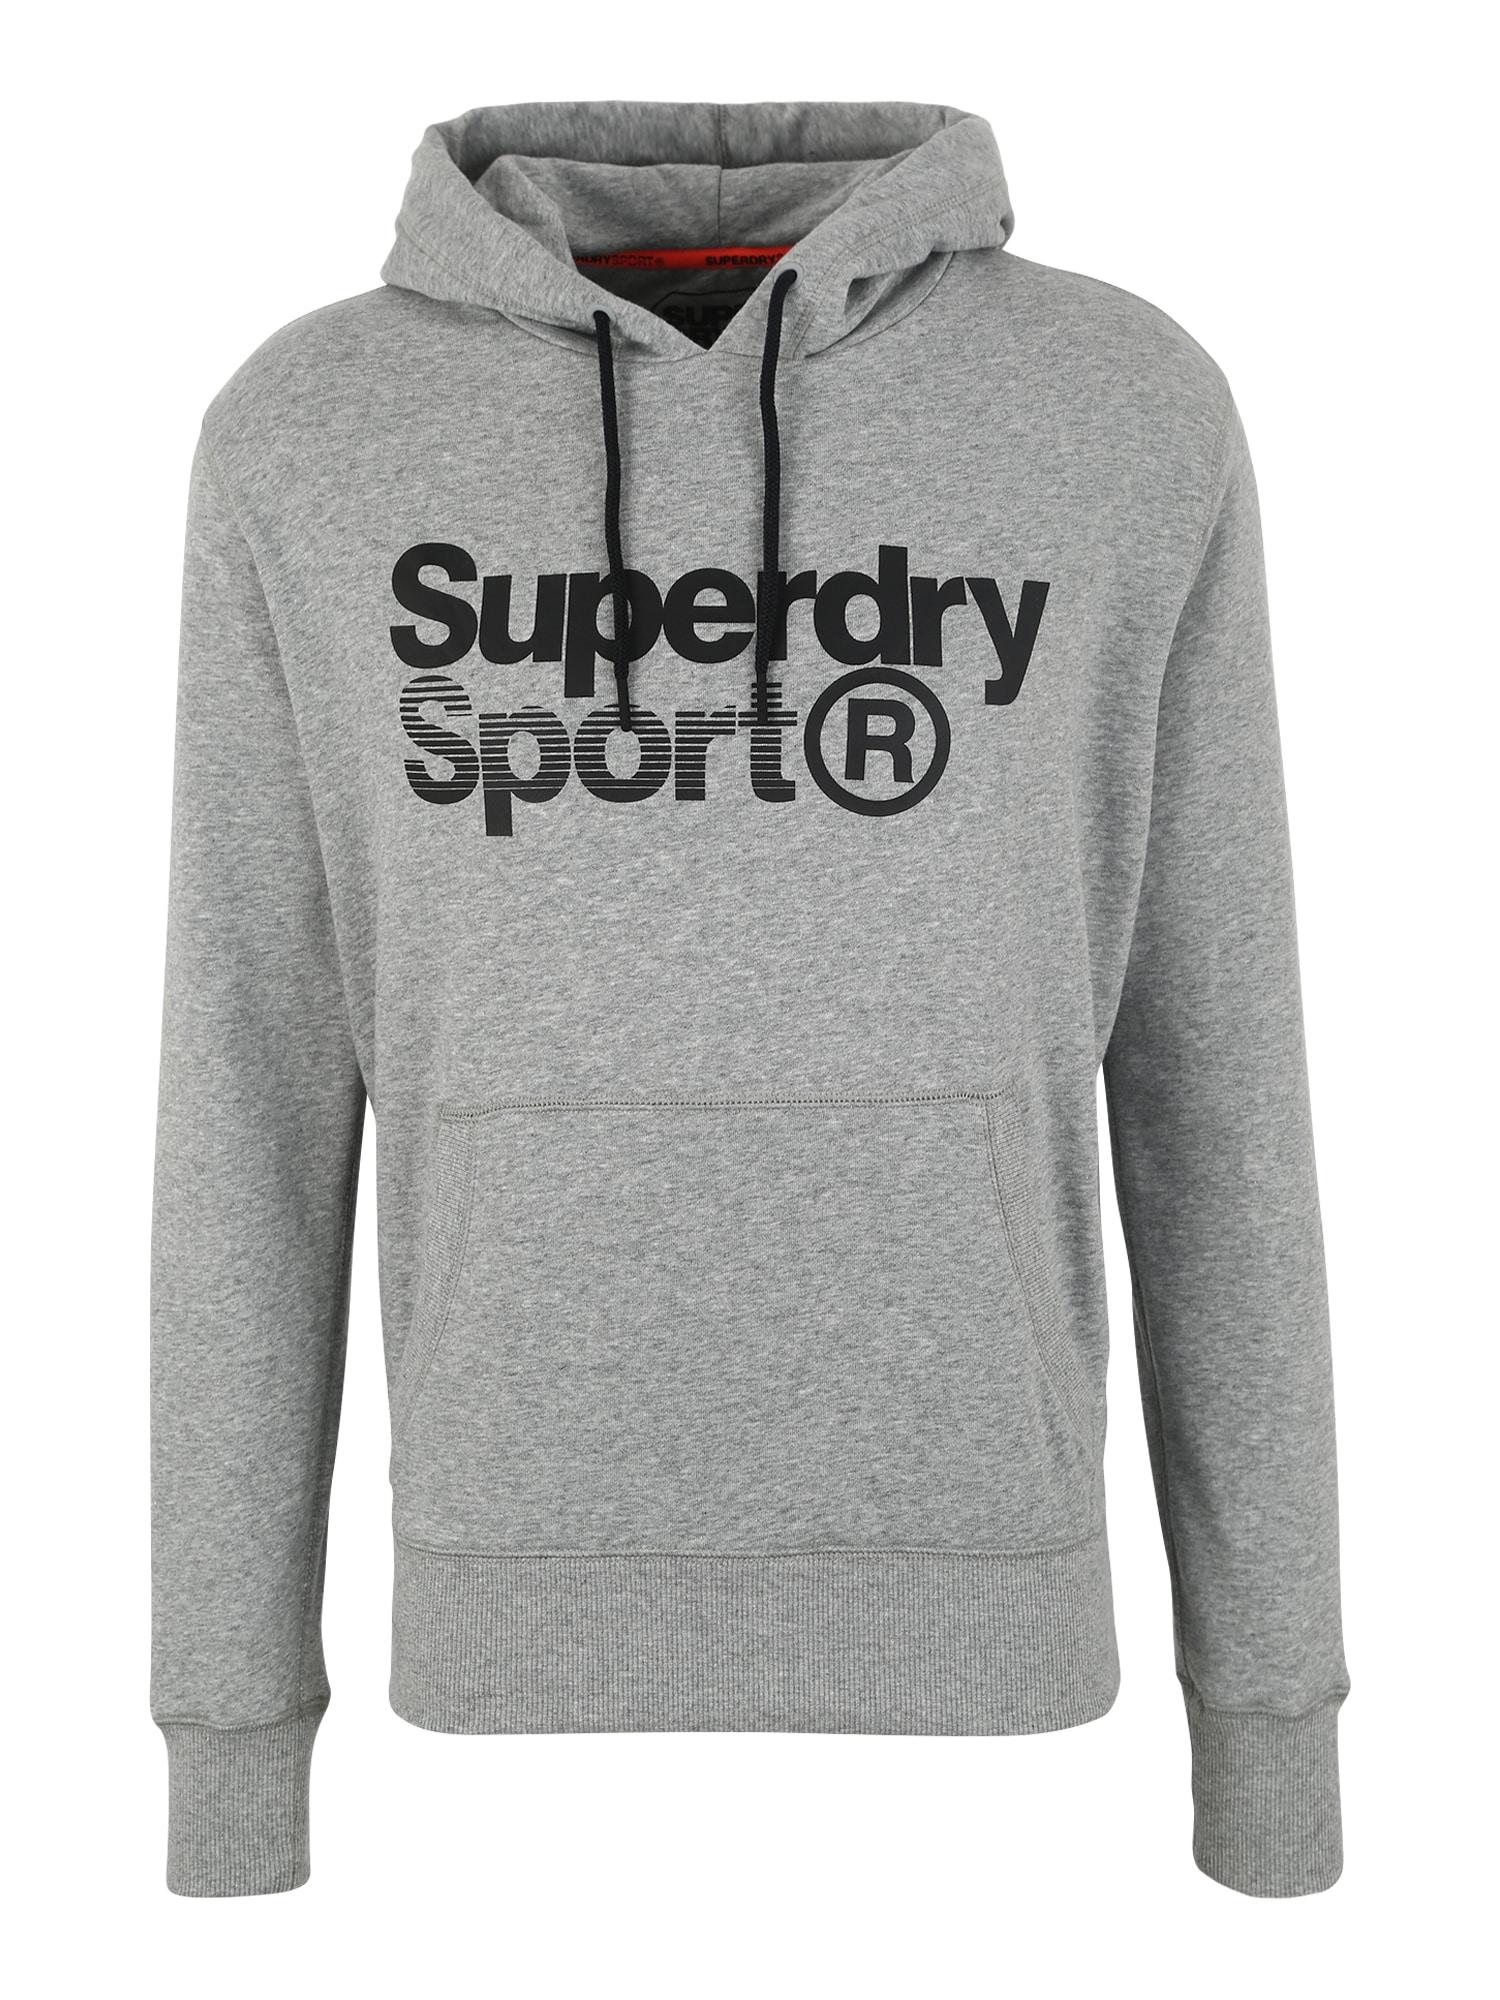 Sportovní mikina Core Sport Overhead světle šedá Superdry